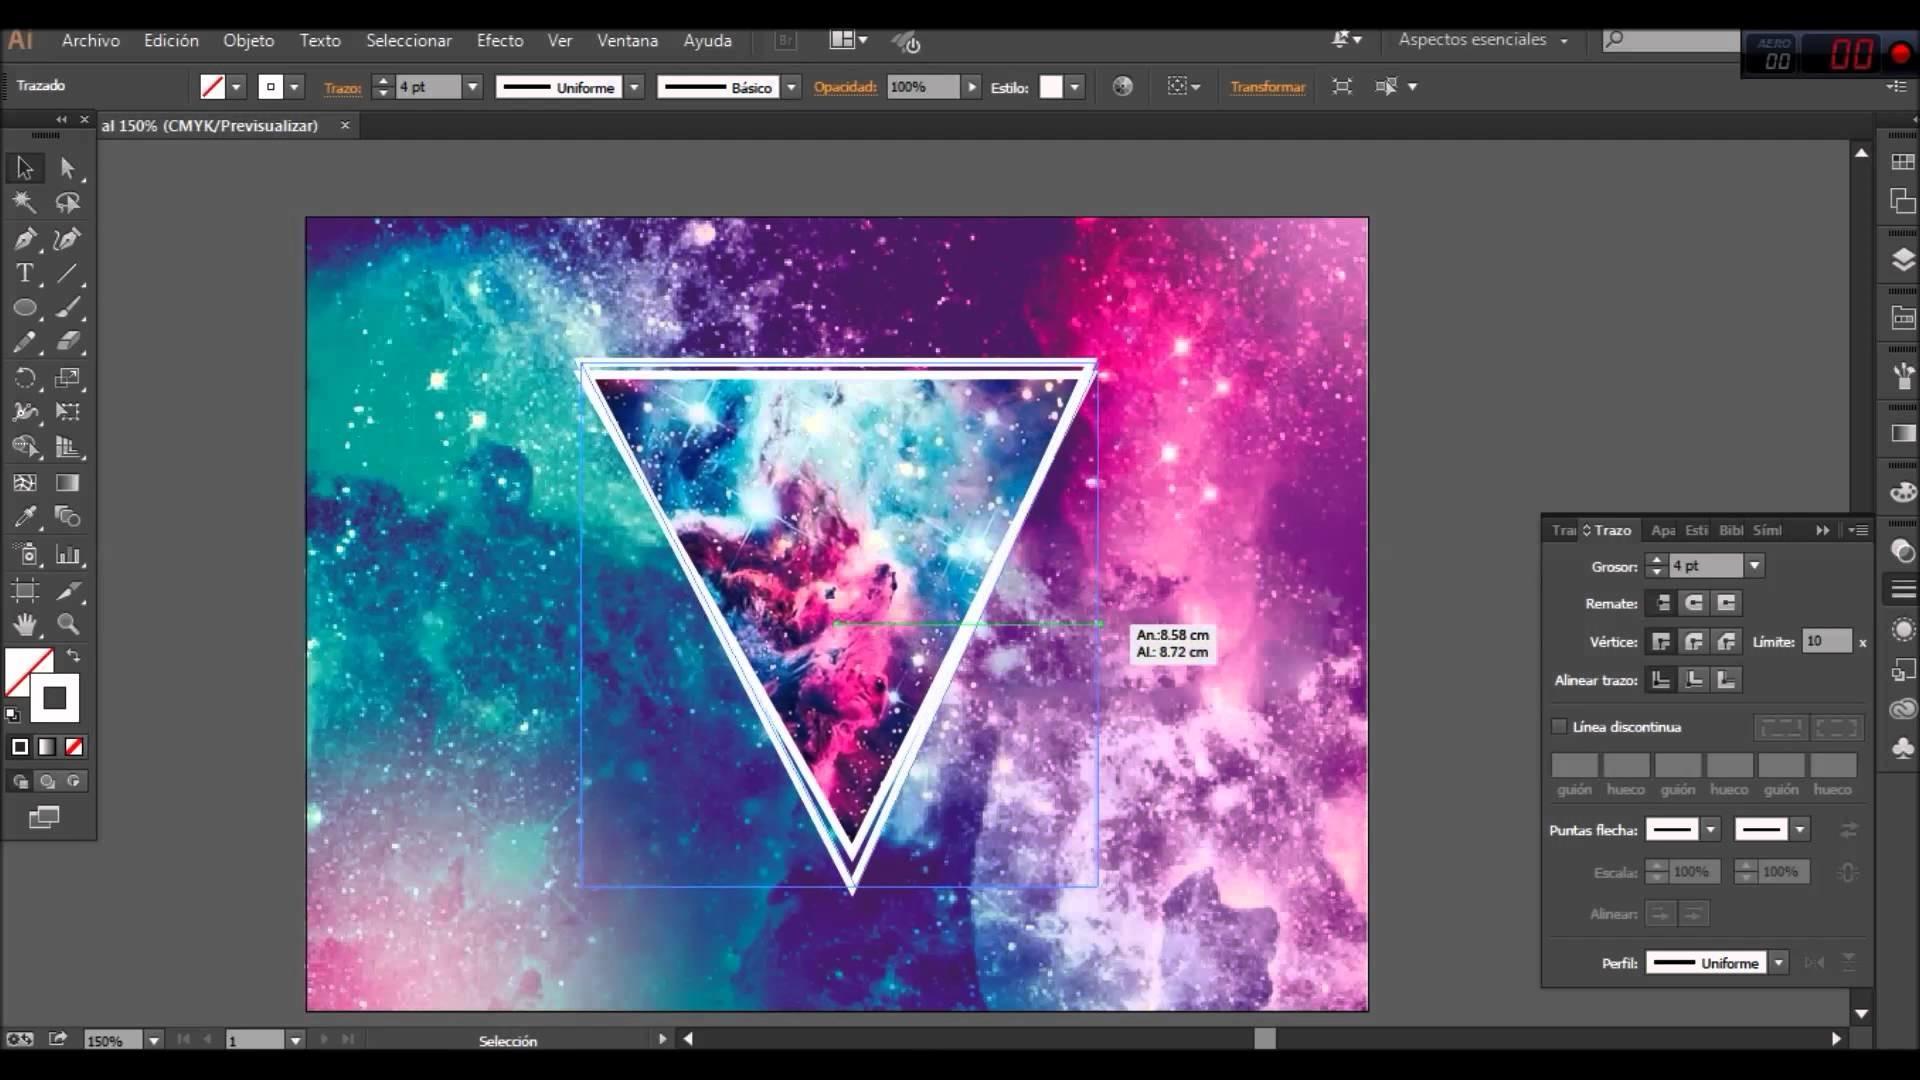 Como hacer Wallpaper HD Facil Tipo Hipster (Wallpaper Julz CC2015) – YouTube